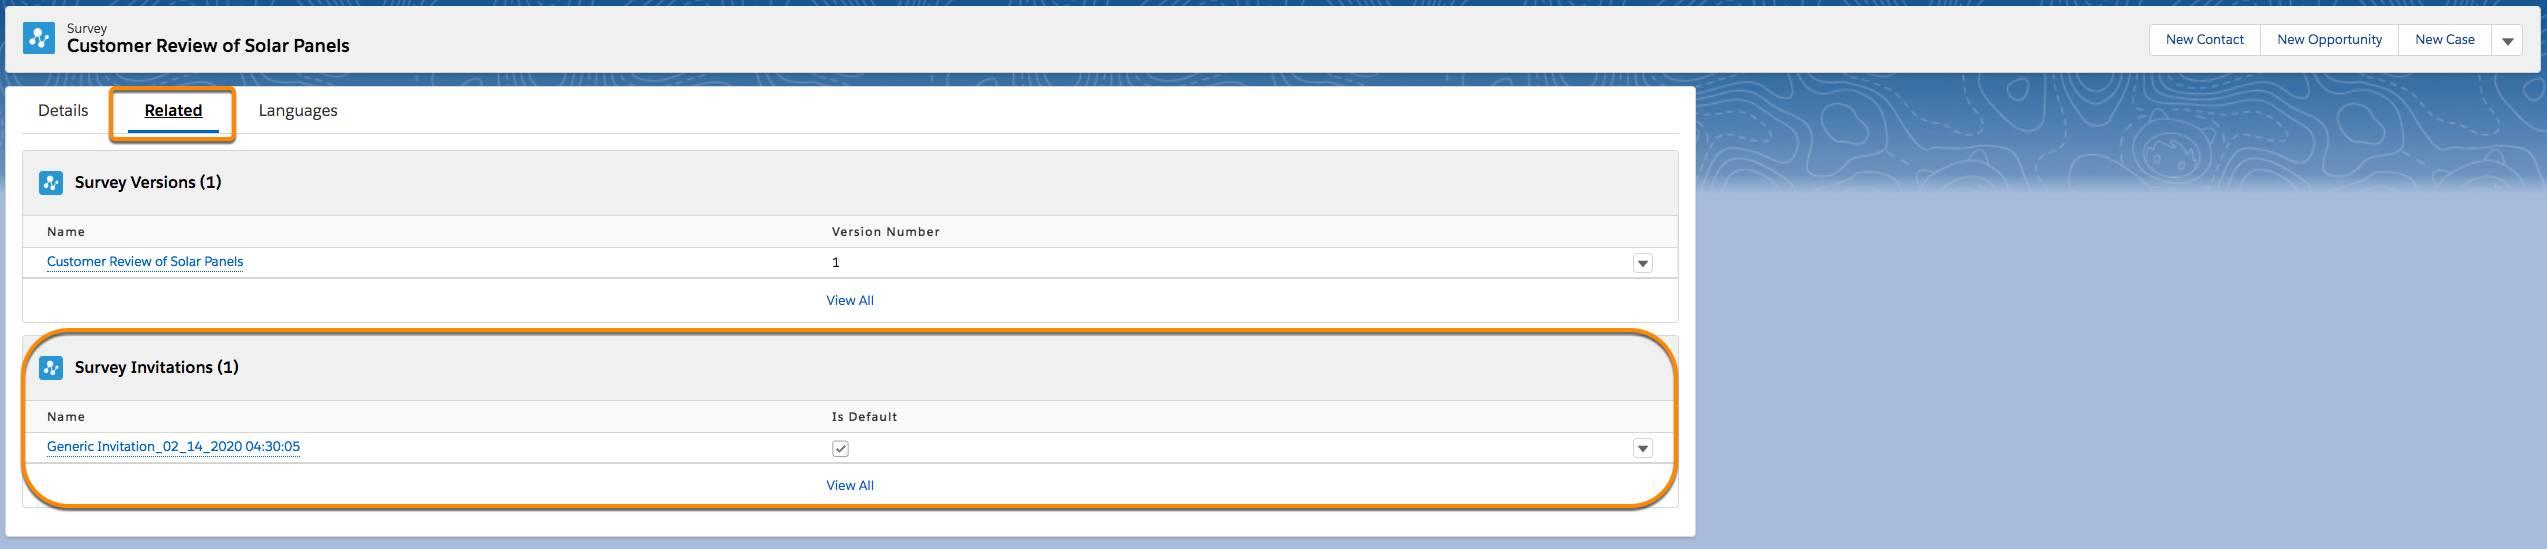 Registro de convite de pesquisa na guia Relacionados do registro da pesquisa.